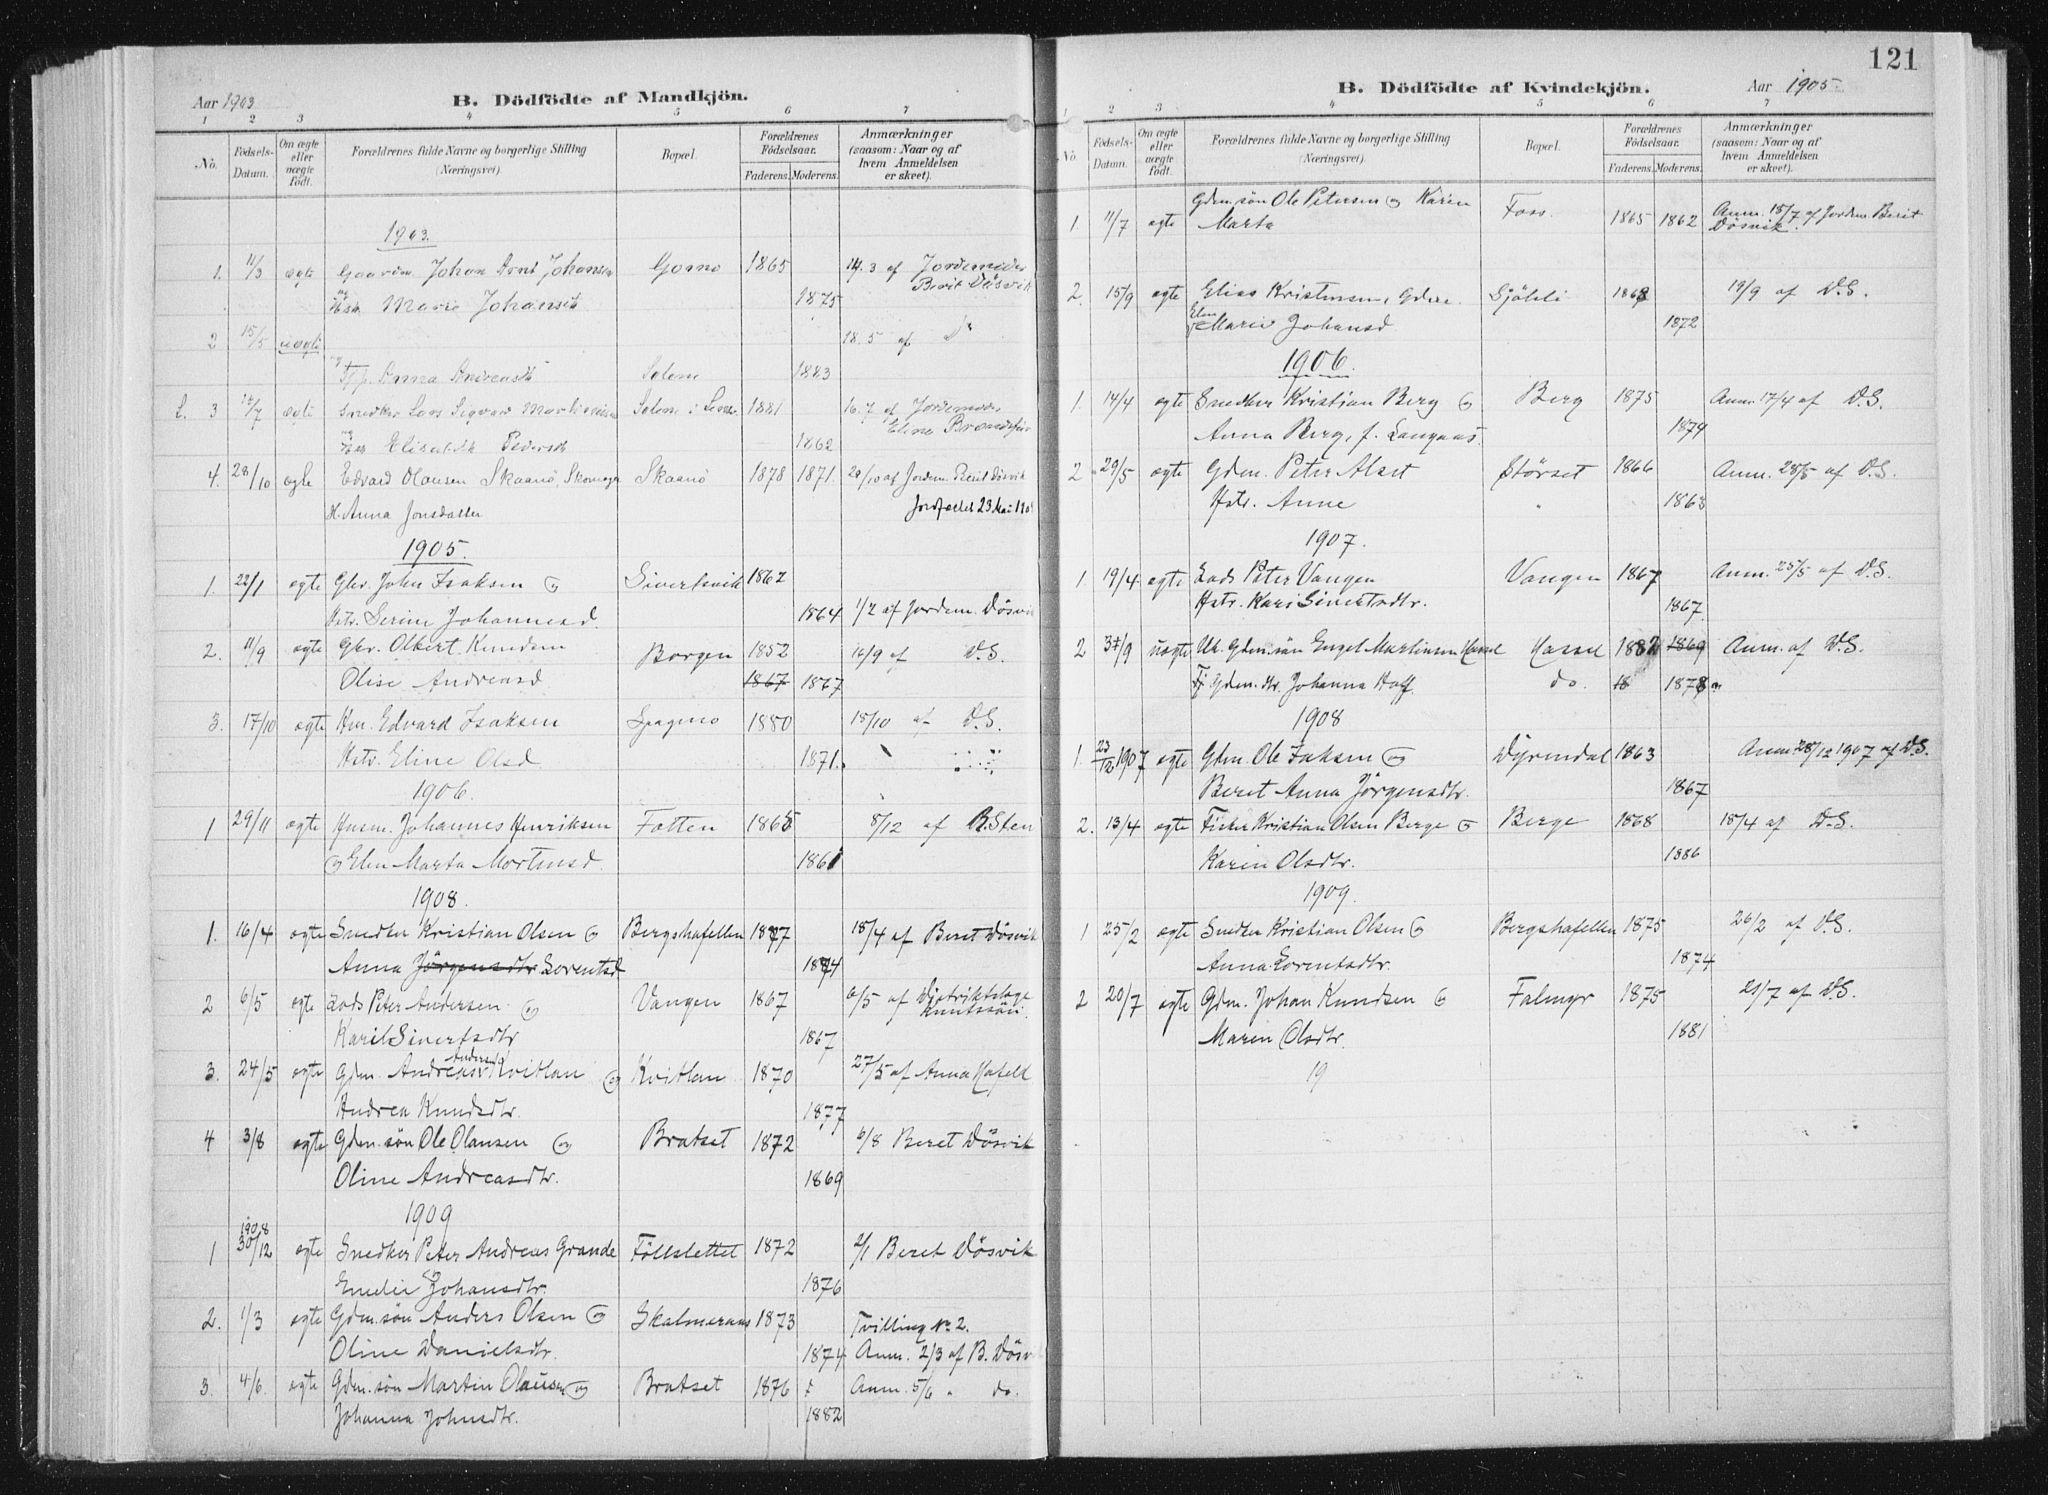 SAT, Ministerialprotokoller, klokkerbøker og fødselsregistre - Sør-Trøndelag, 647/L0635: Ministerialbok nr. 647A02, 1896-1911, s. 121